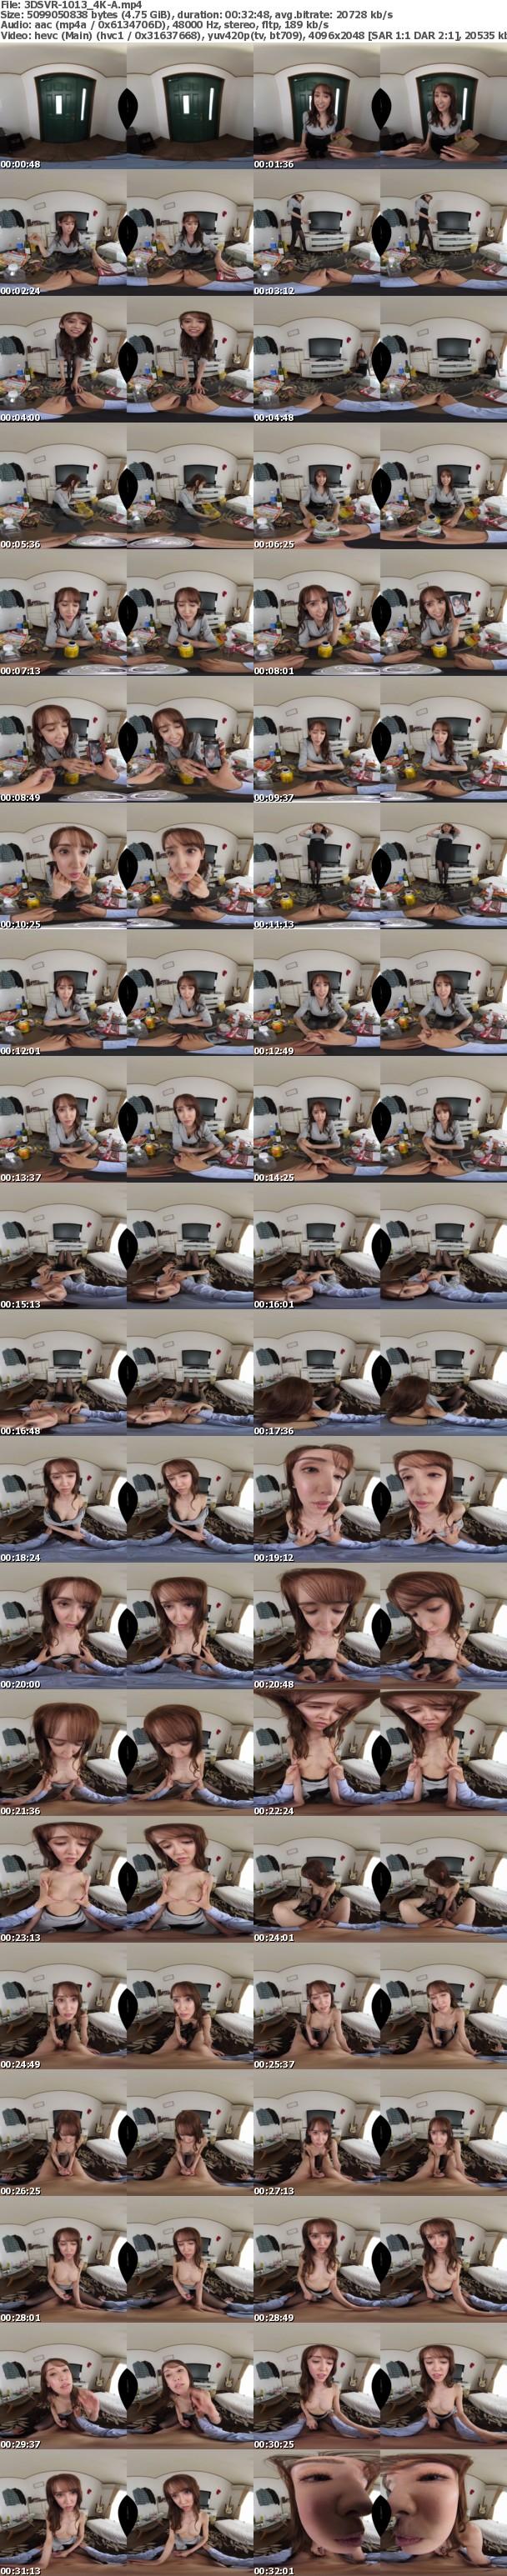 (VR) (4K) 3DSVR-1013 学生時代の大親友(男)が久しぶりに会ったら絶世の美女に!?快感に元々男ということも忘れて濃密セックスに没頭!